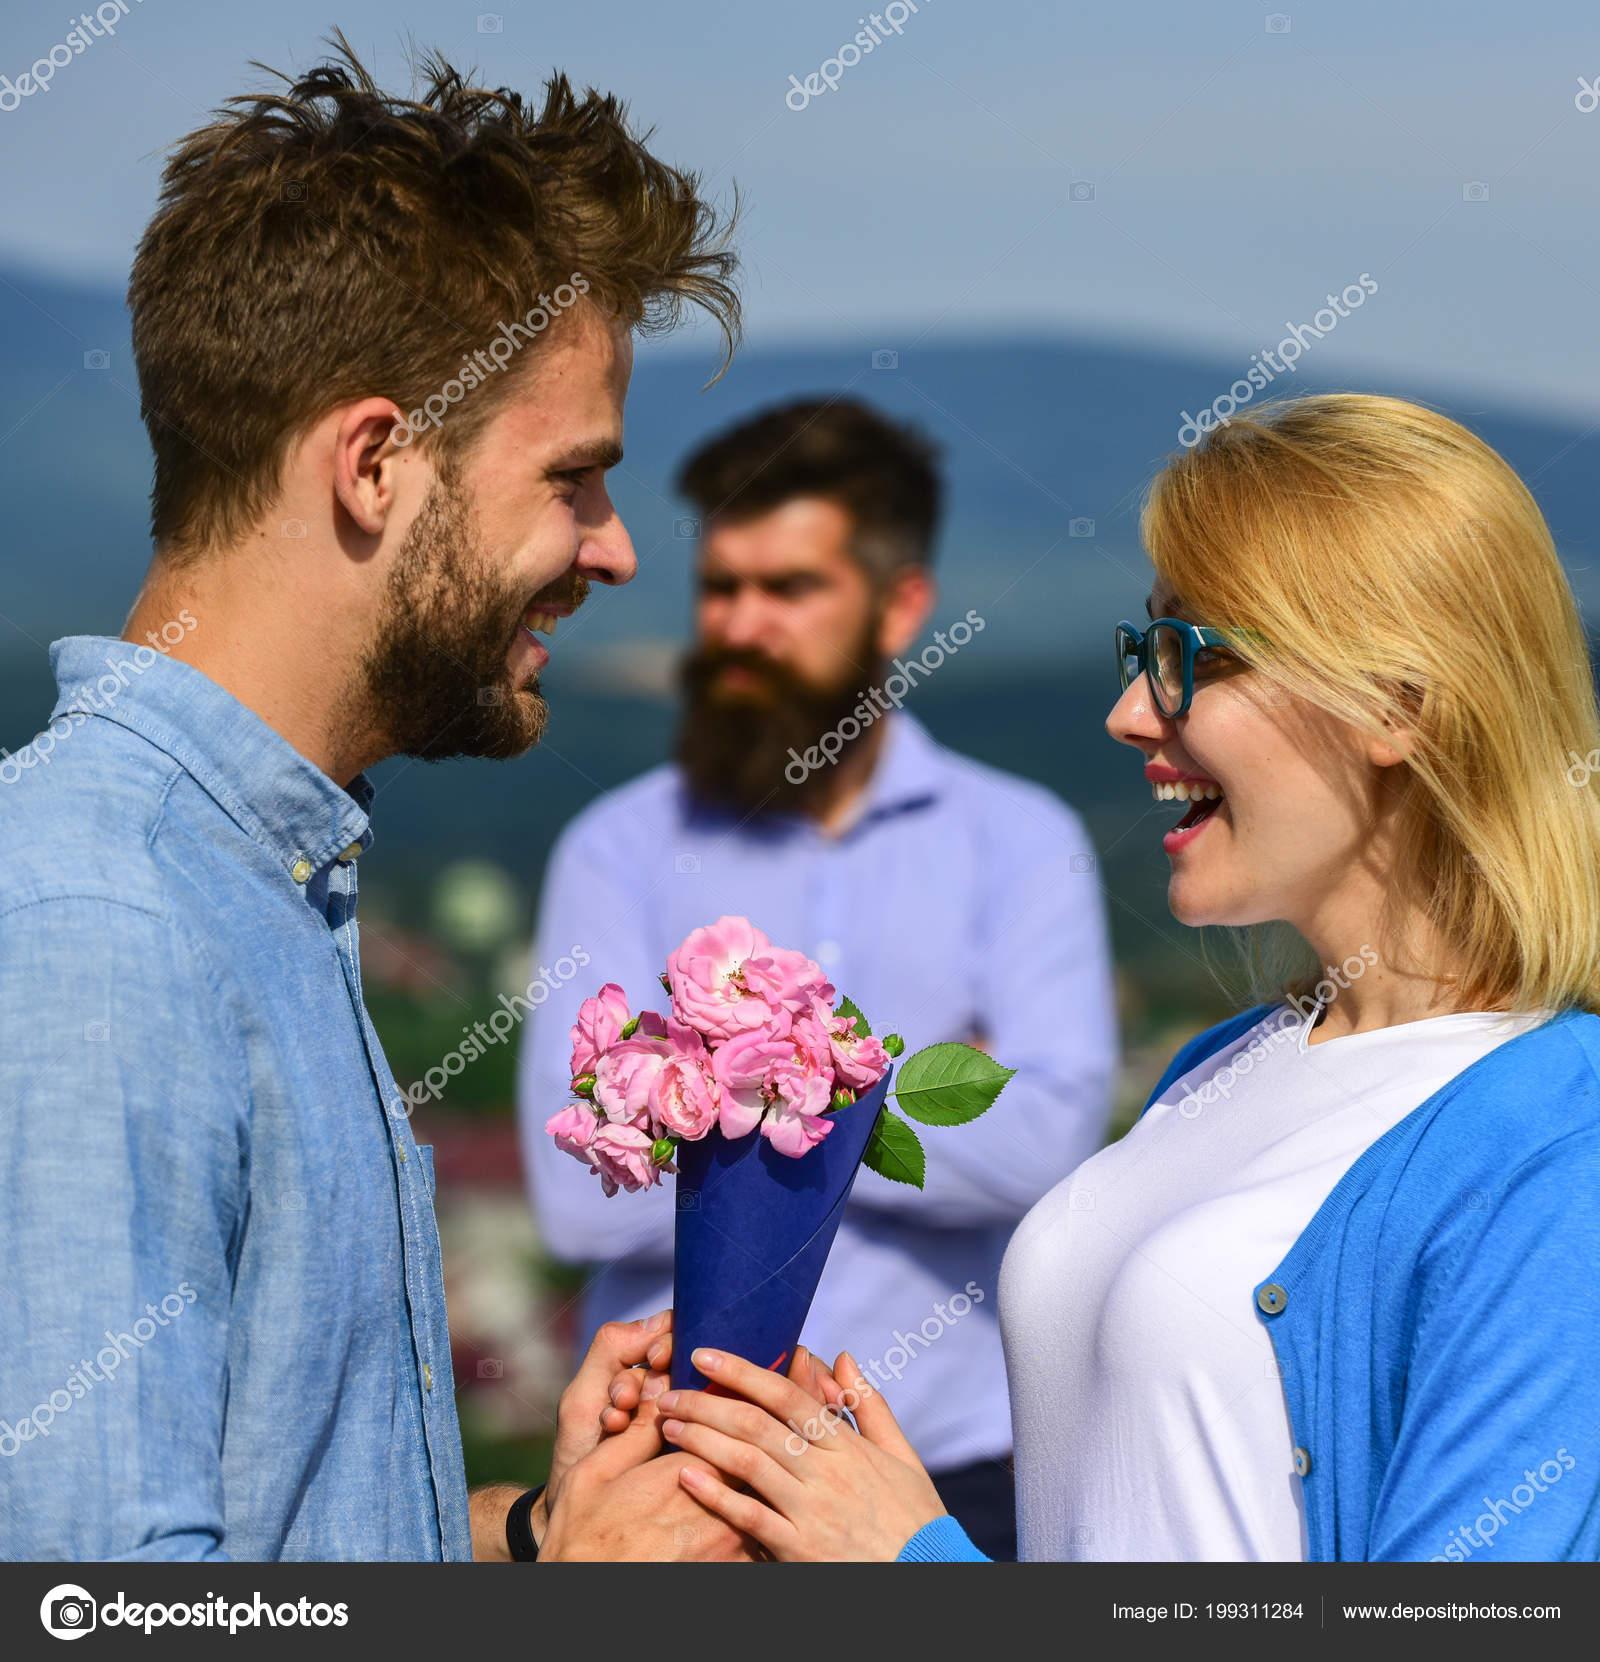 Christian incontri coppie consigli incontri Madrid Spagna